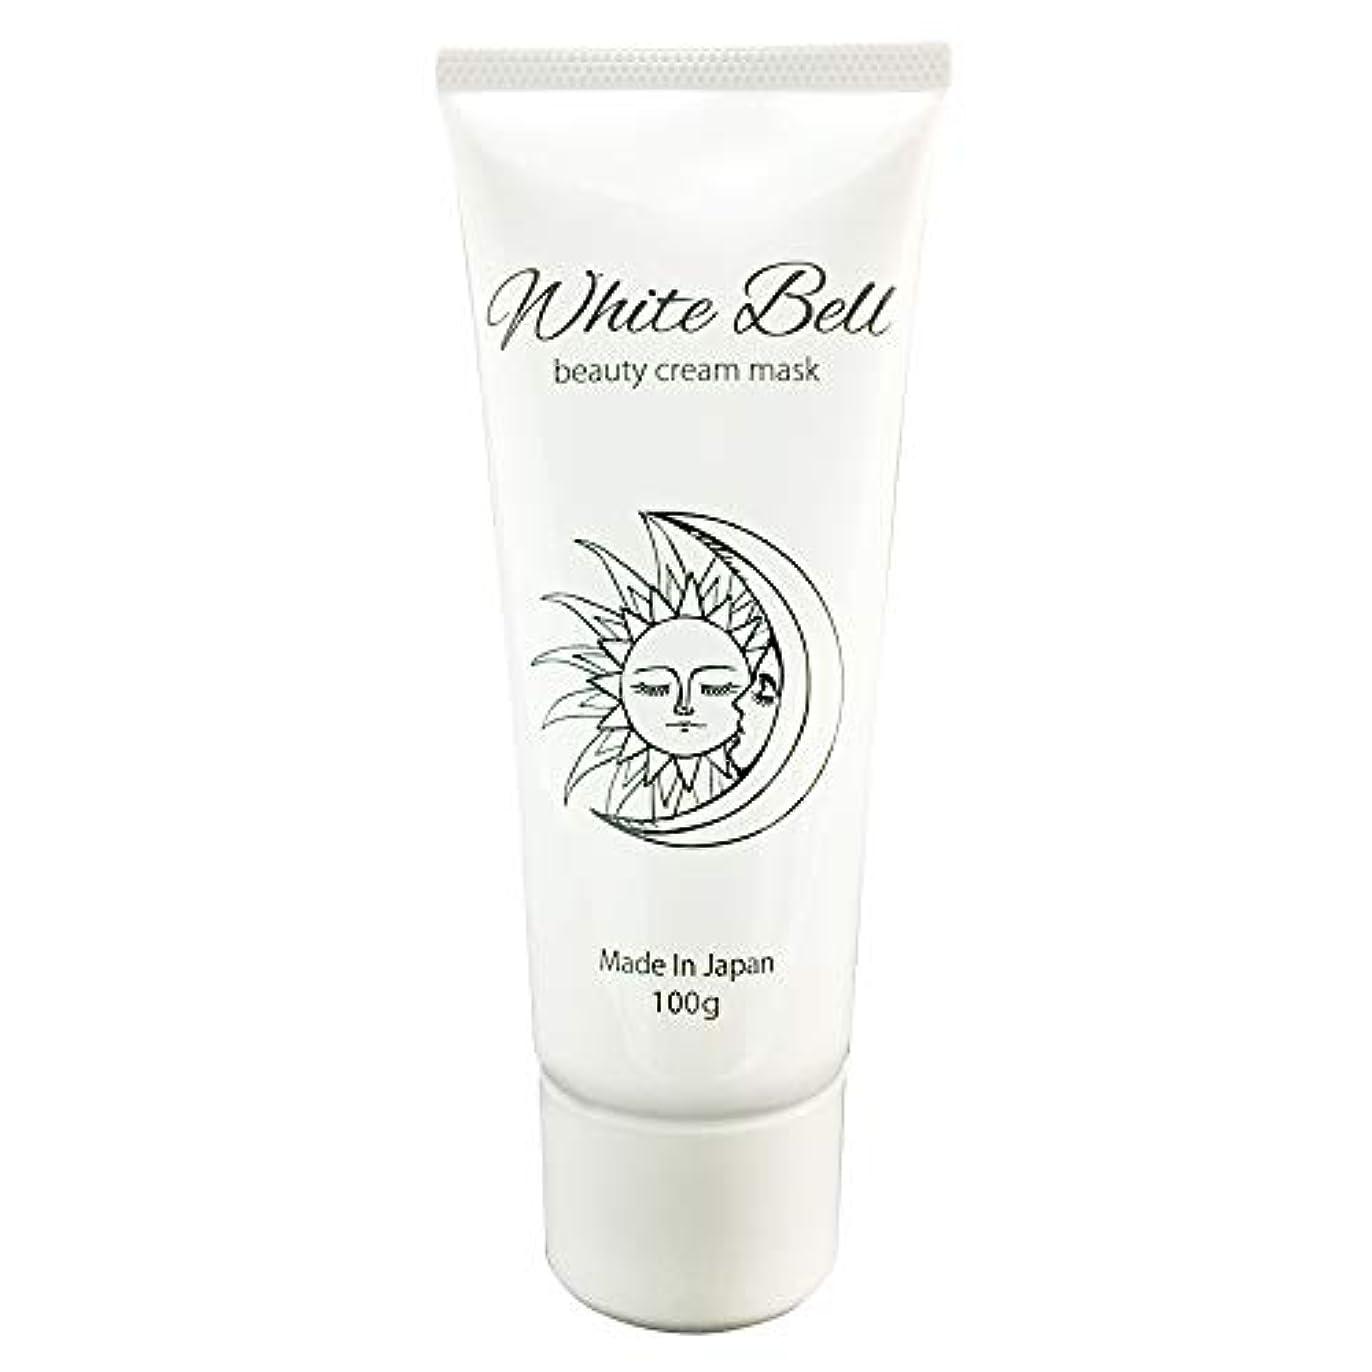 逆説素晴らしい良い多くのソブリケットホワイトベル ビューティークリームマスク White-Bell beauty cream mask ナイトクリーム オールインワン